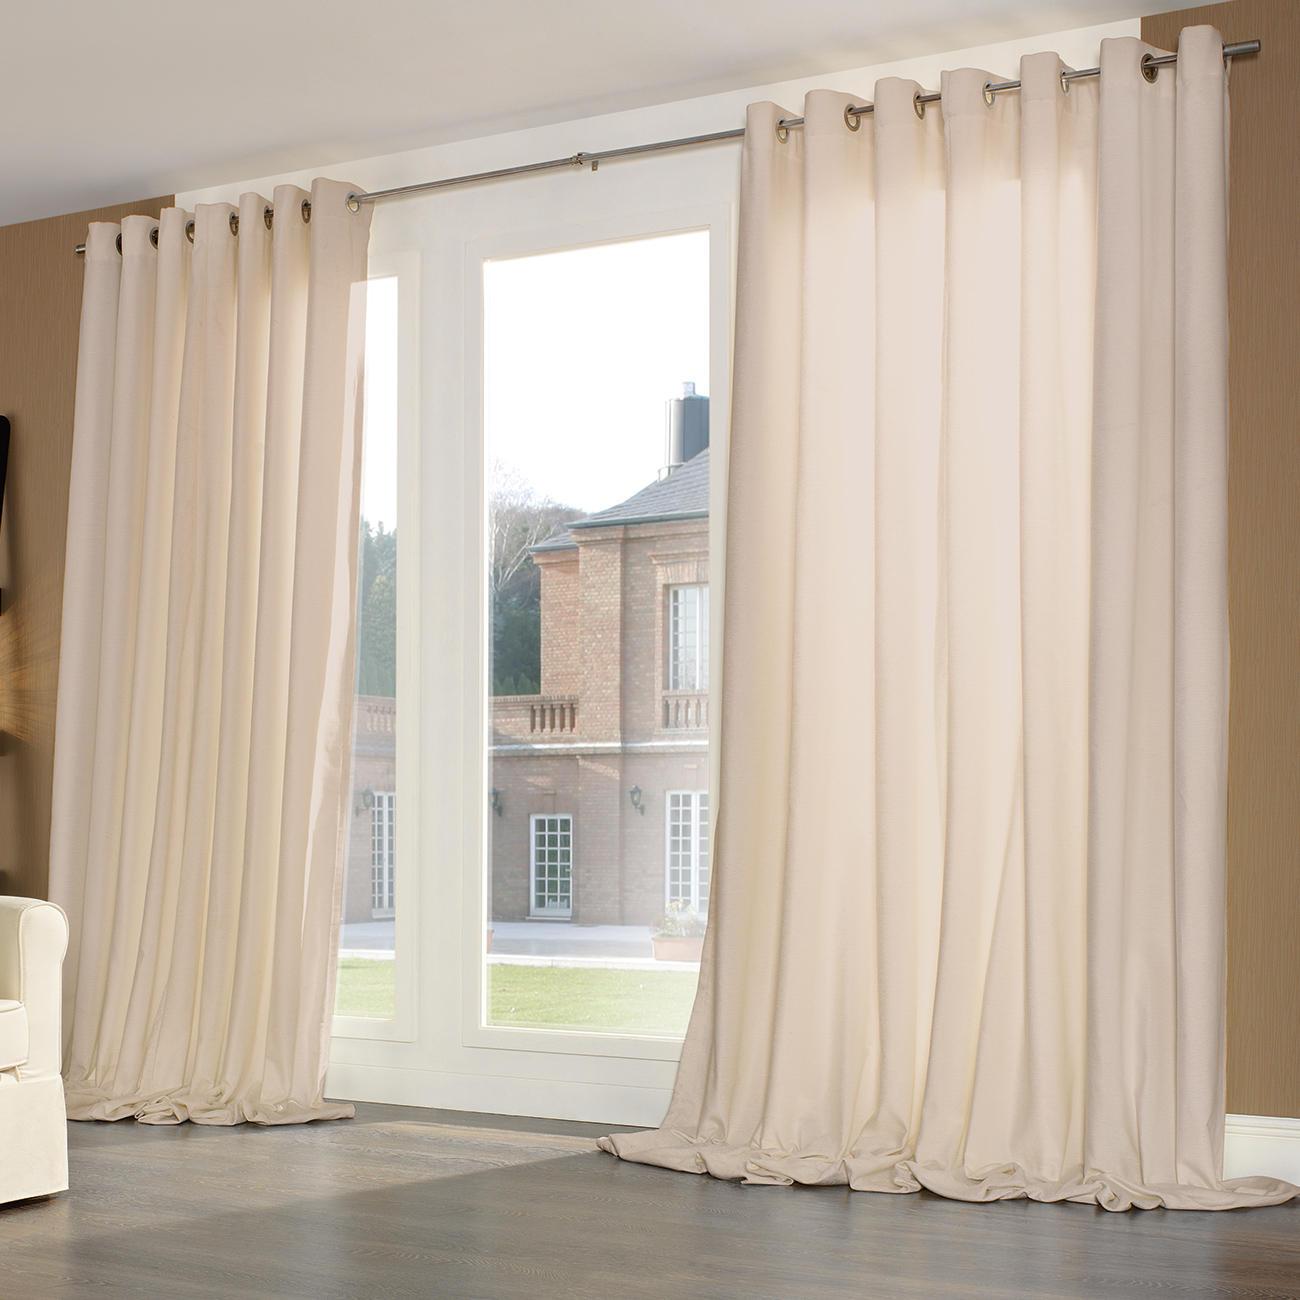 Full Size of Vorhang Silent Schlafzimmer Vorhänge Küche Wohnzimmer Wohnzimmer Vorhänge